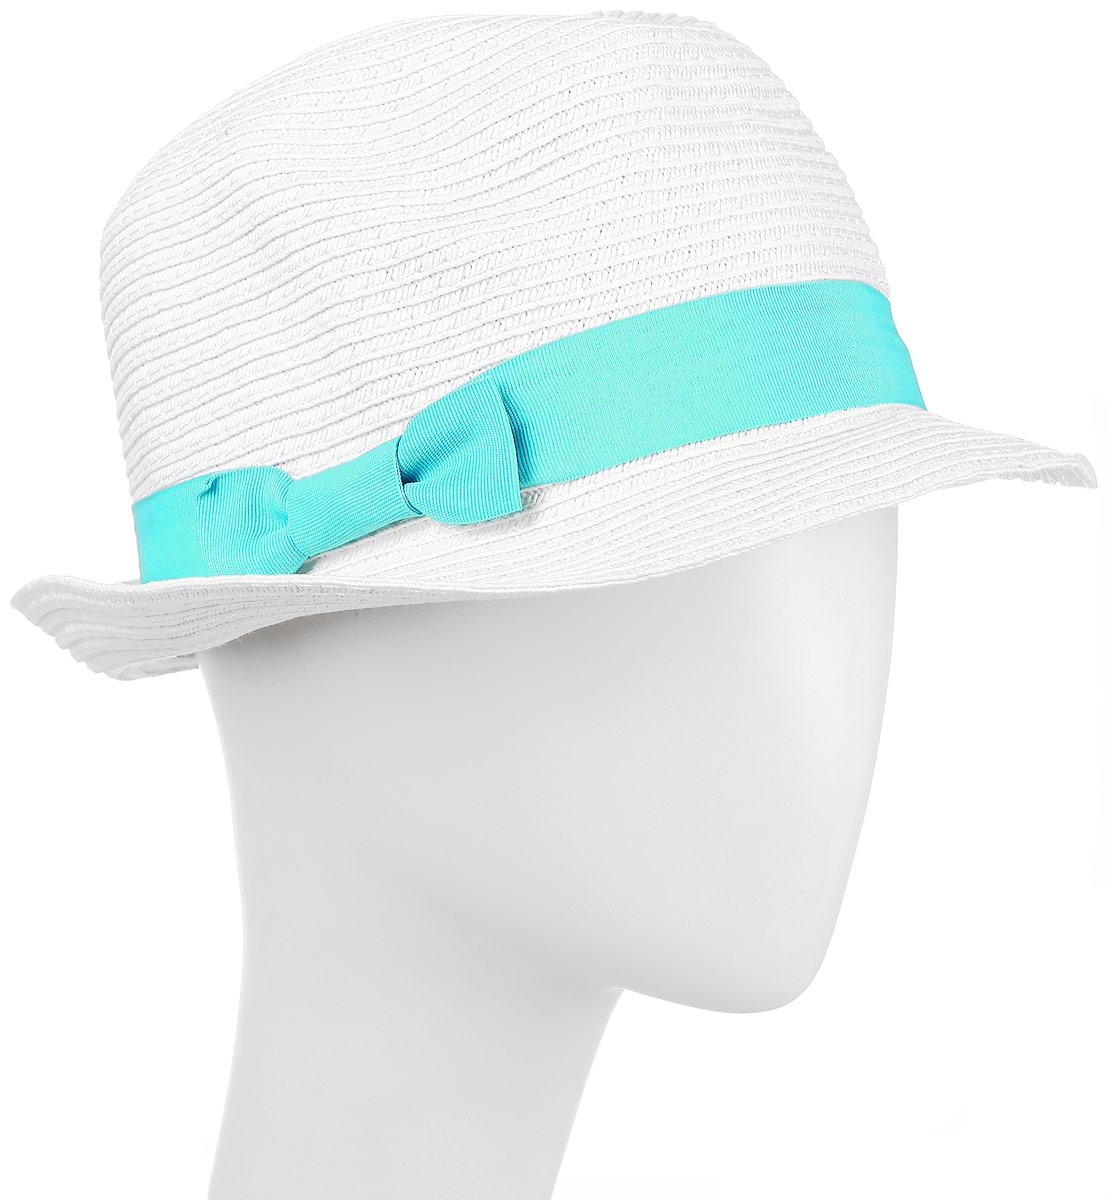 ШляпаHtY131007Модная молодежная шляпа